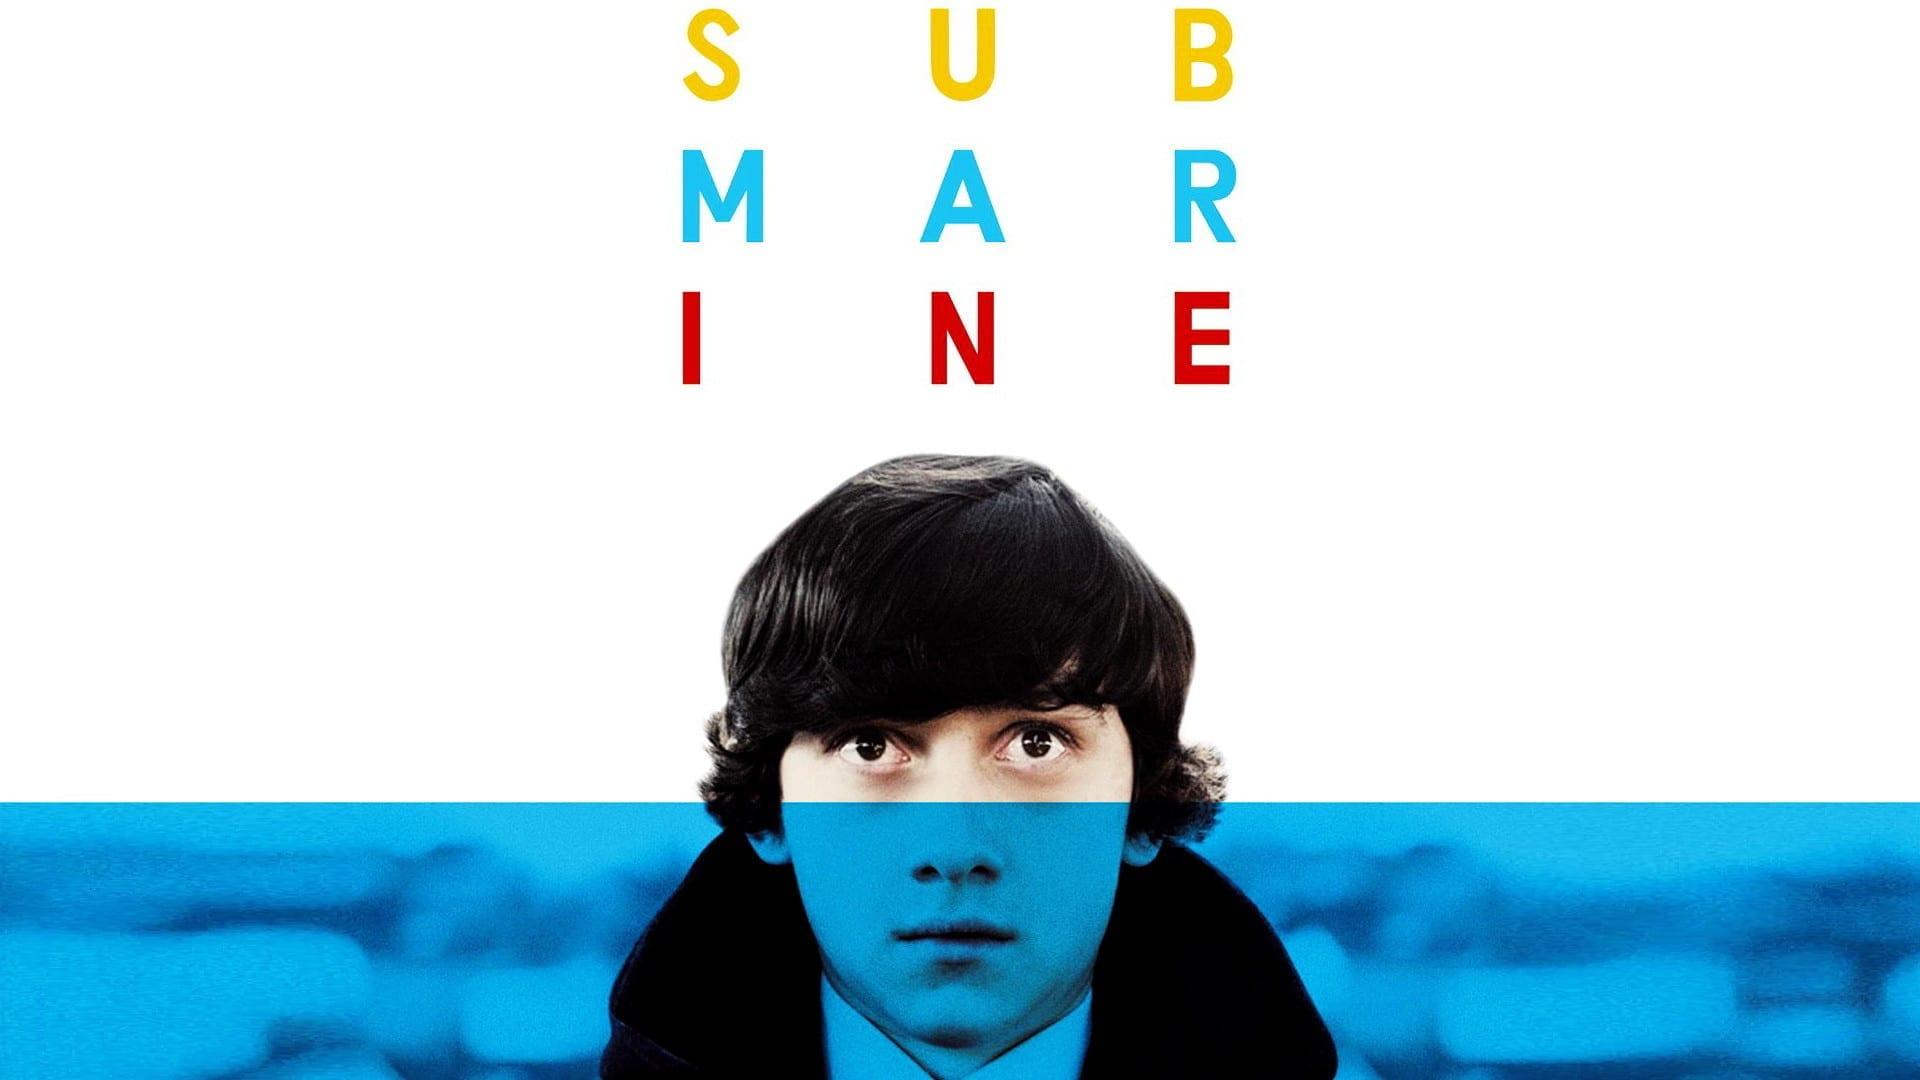 Movie Monday (8th Dec): Submarine